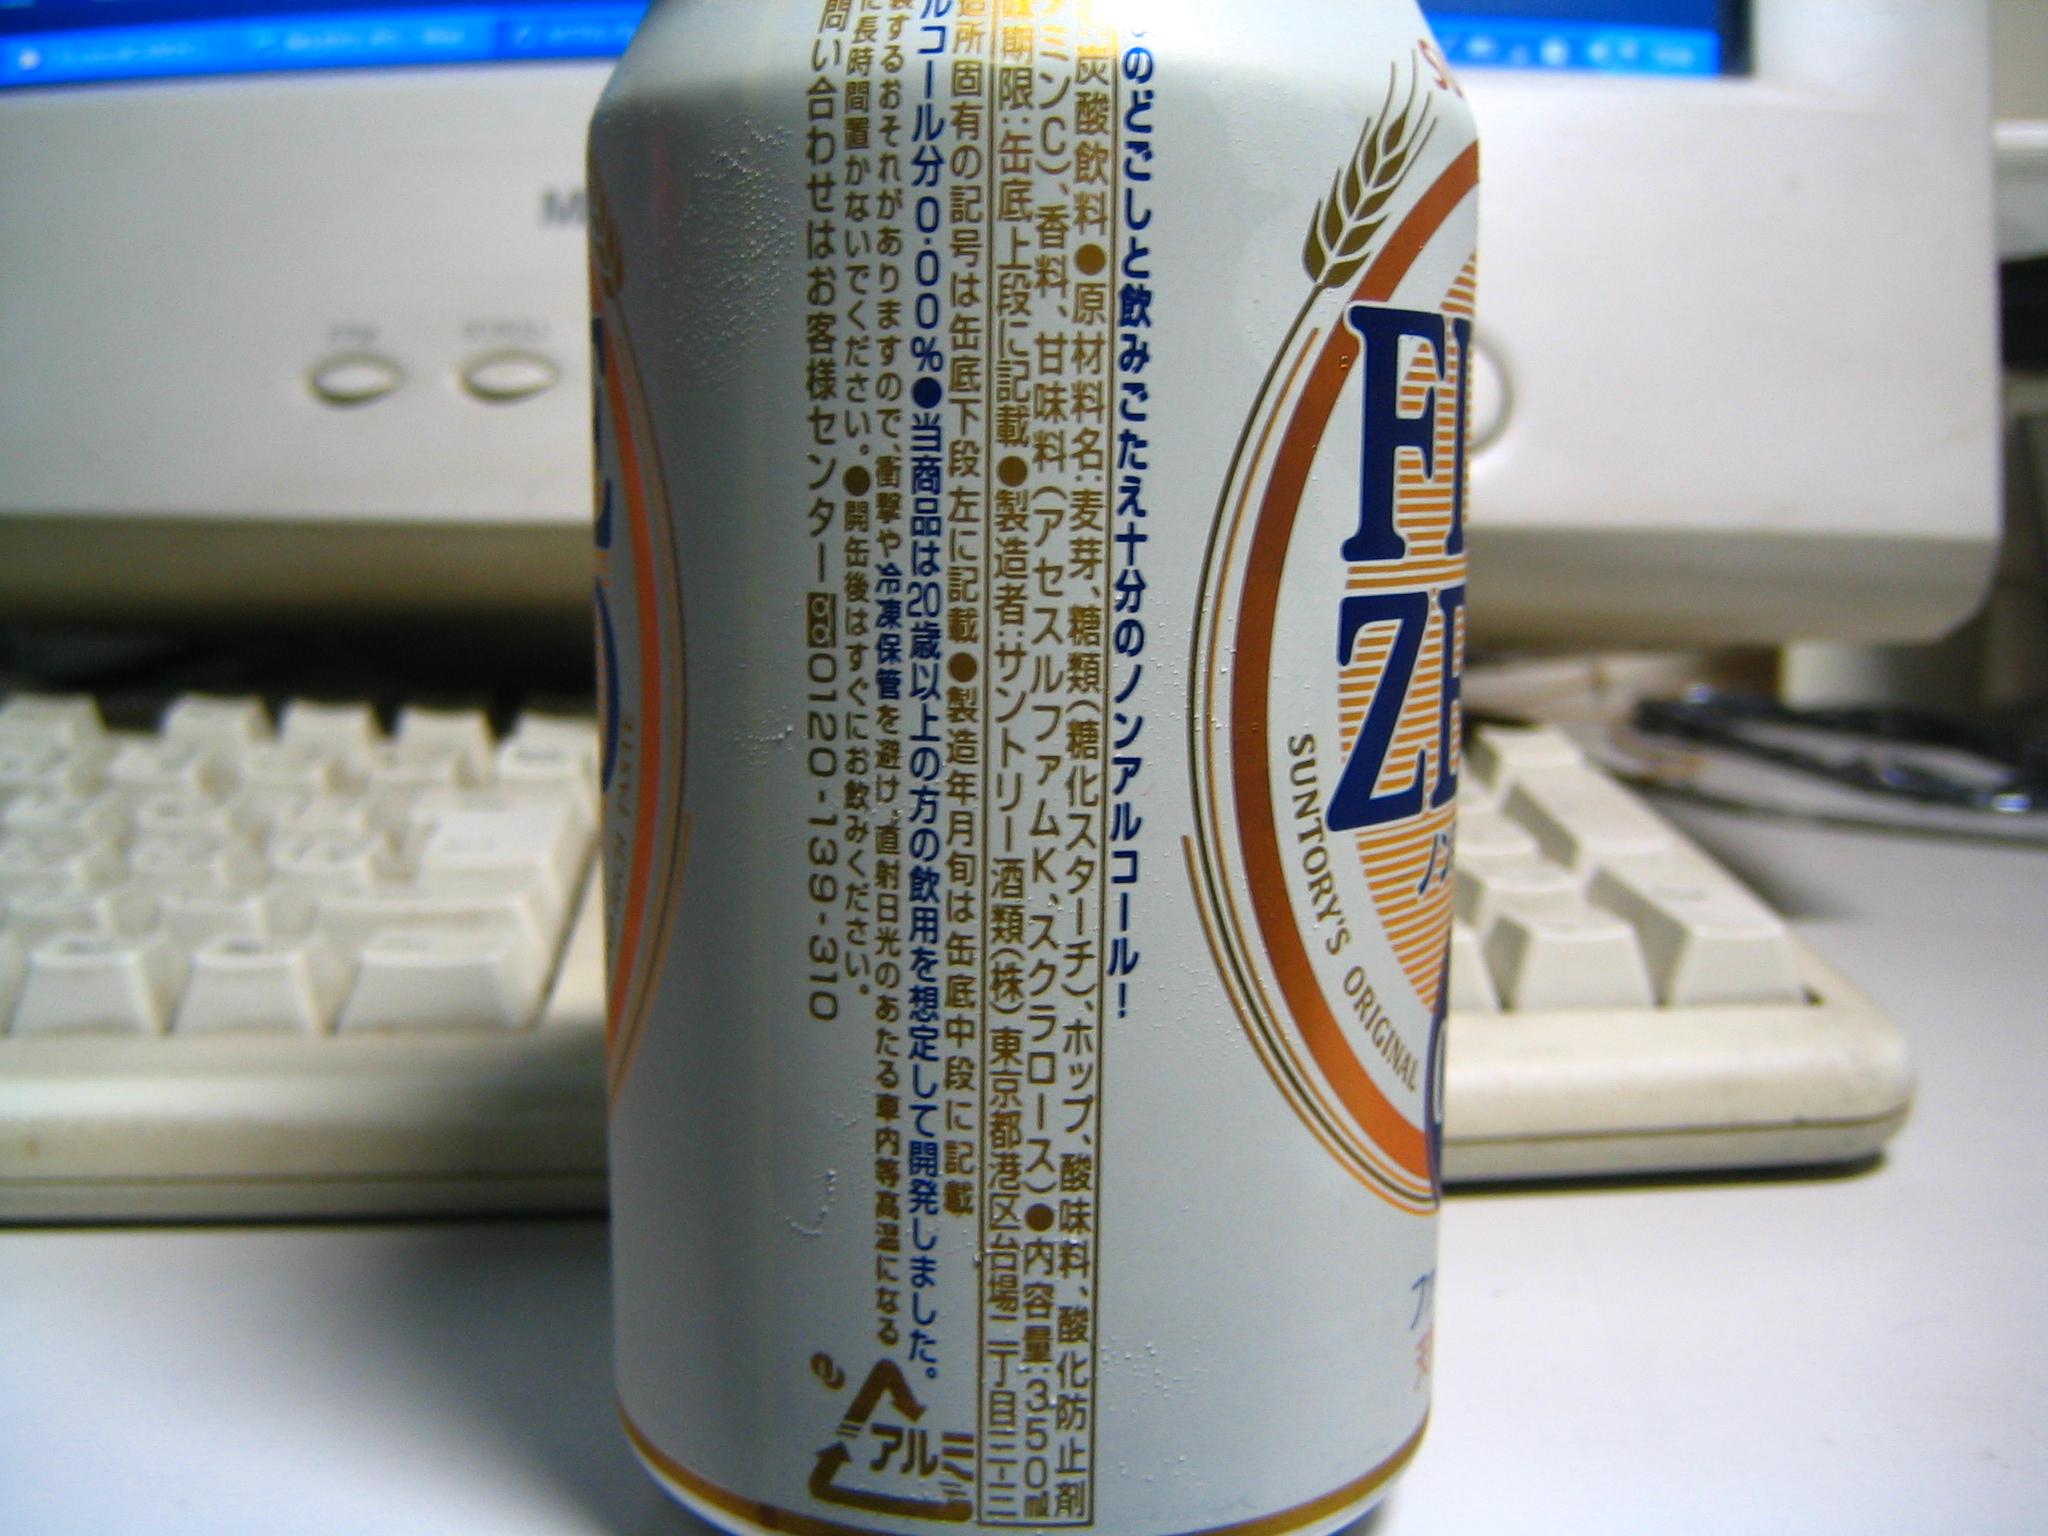 アル中 −アルコール依存症との戦い−  ノンビアコメントトラックバック                        syousuke